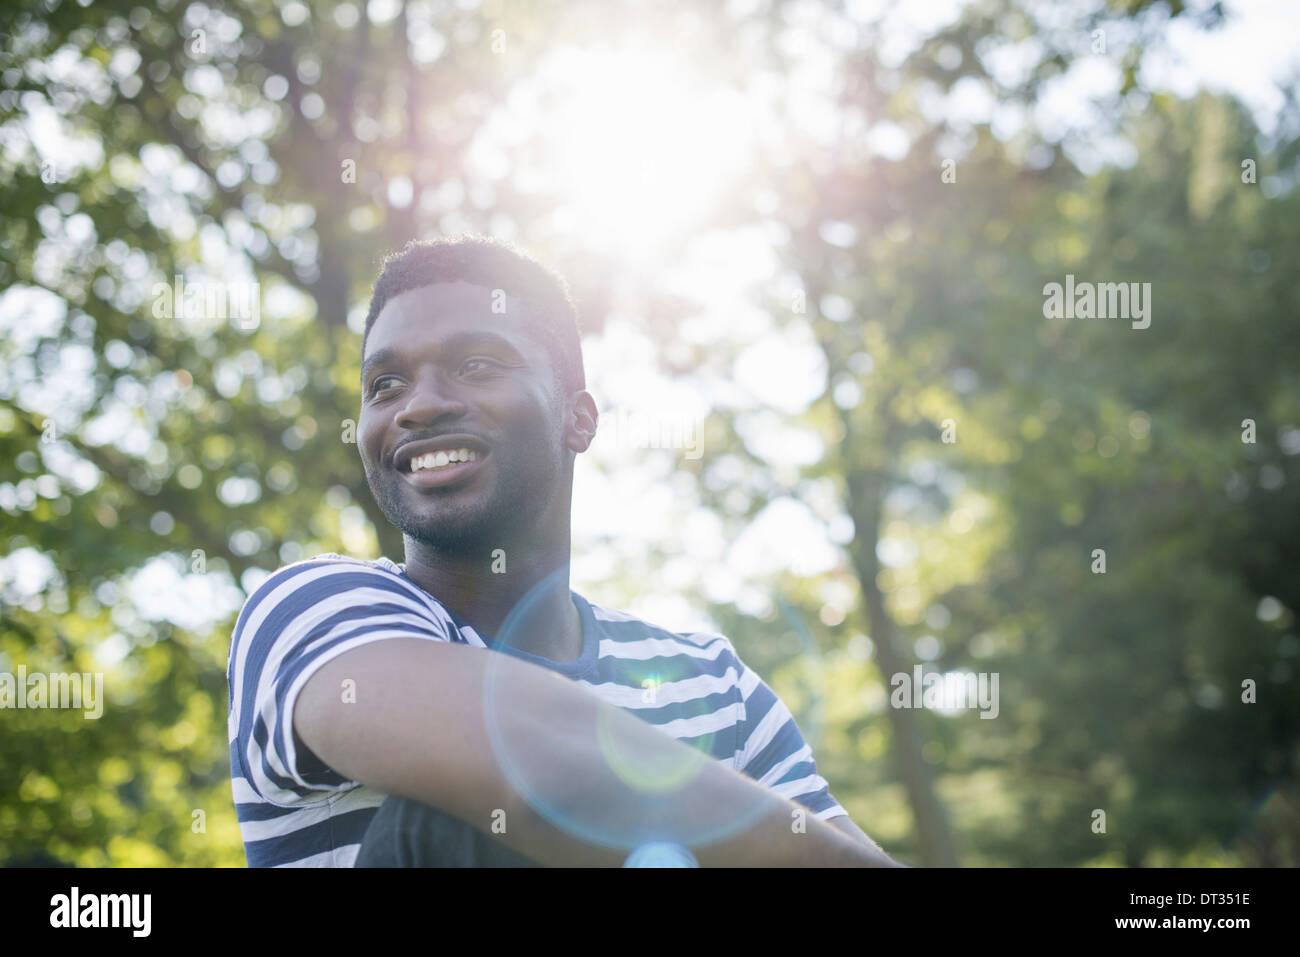 Un homme dans une chemise rayée à l'ombre des arbres Photo Stock